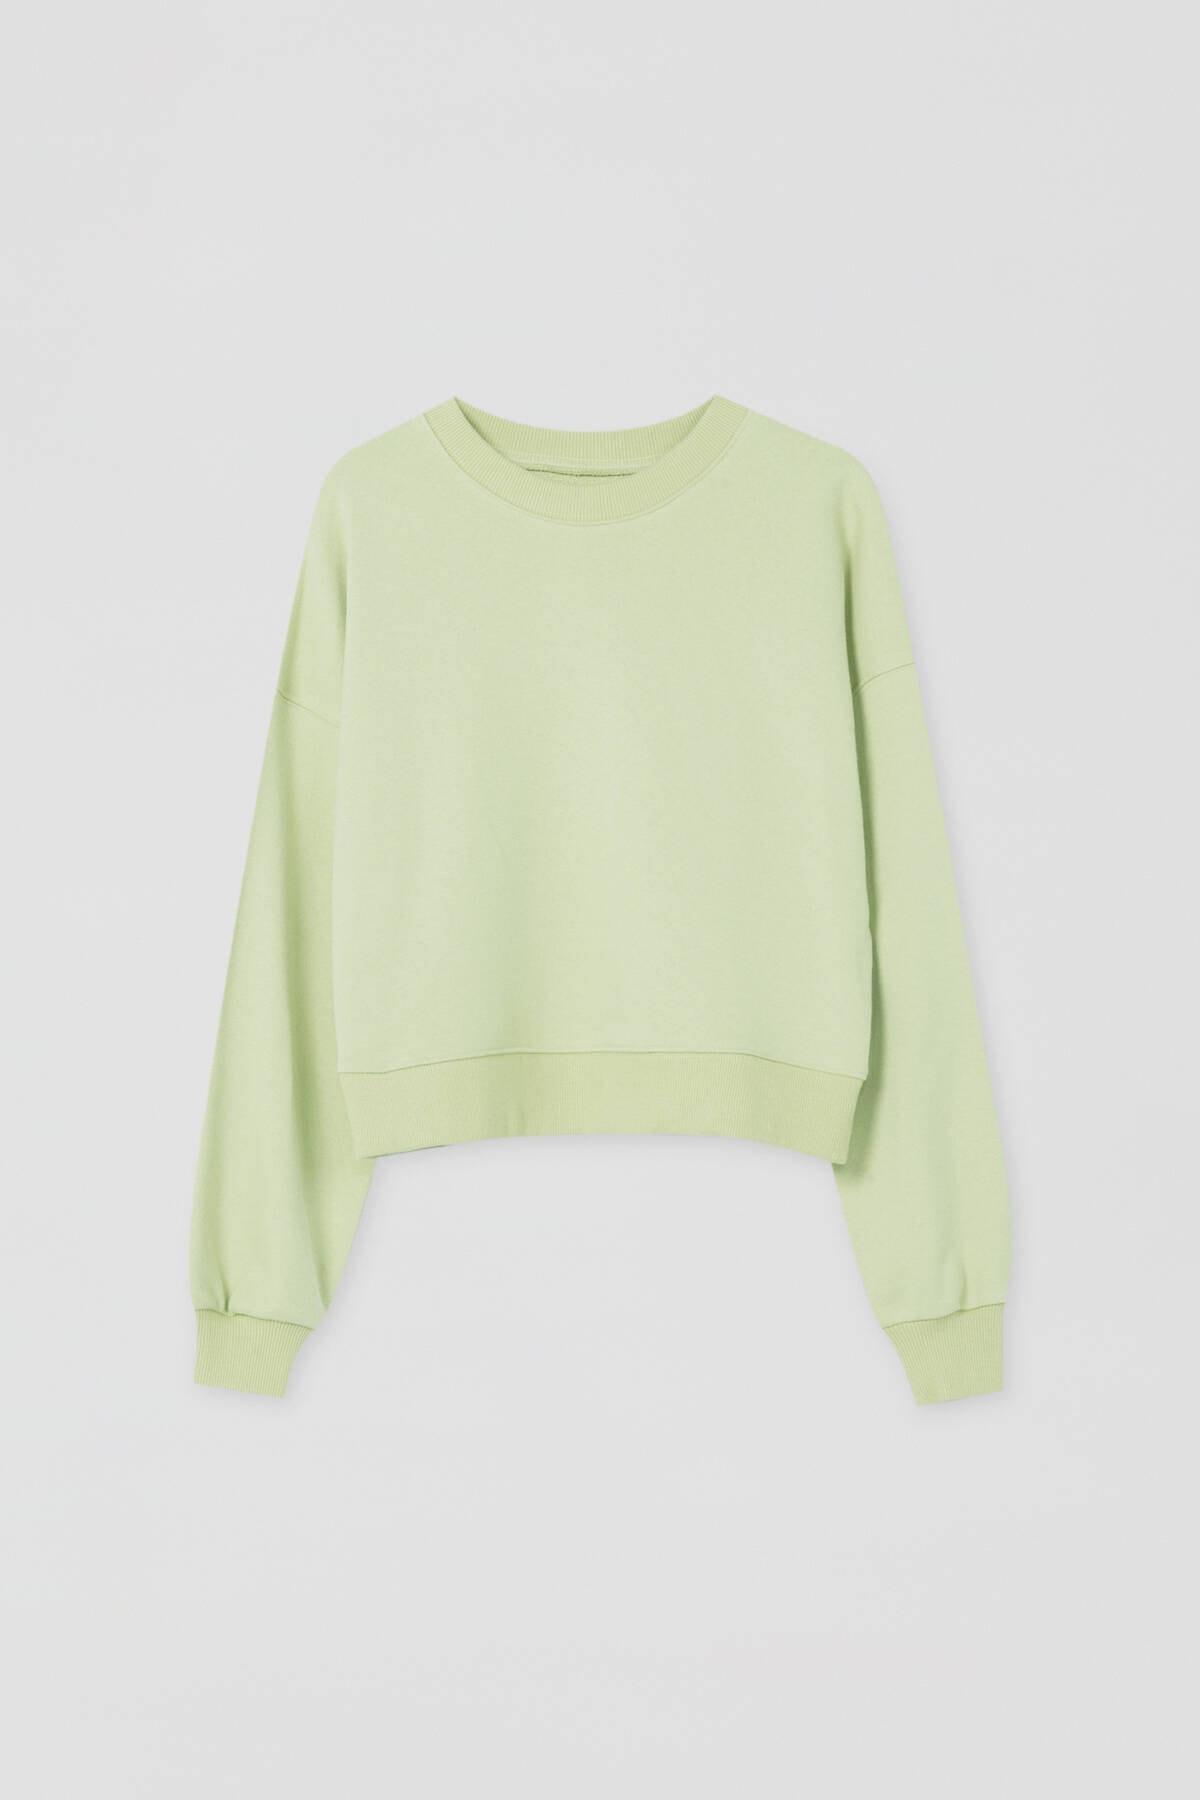 Pull & Bear Kadın Açık Fıstık Yeşilli Renkli Bisiklet Yaka Sweatshirt 09594311 4